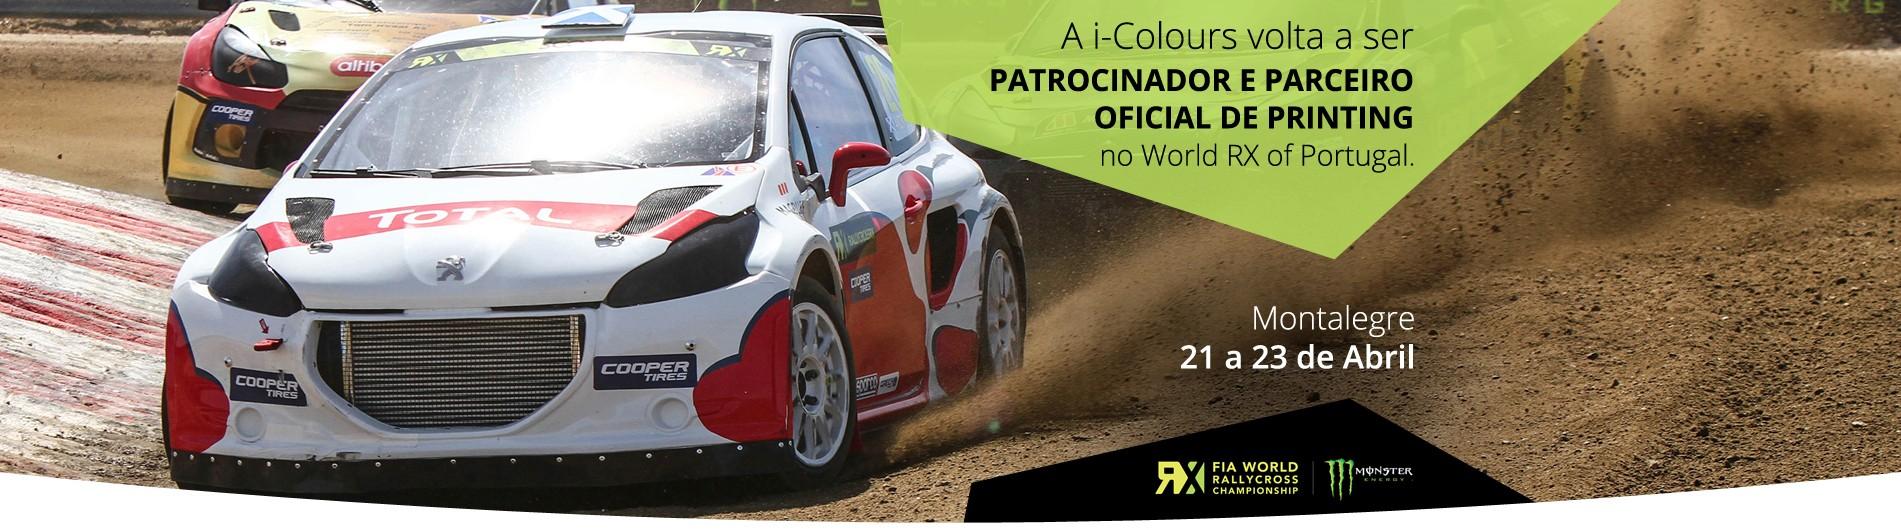 Patrocinador e Parceiro Oficial de Printing do Mundial de Rallycross